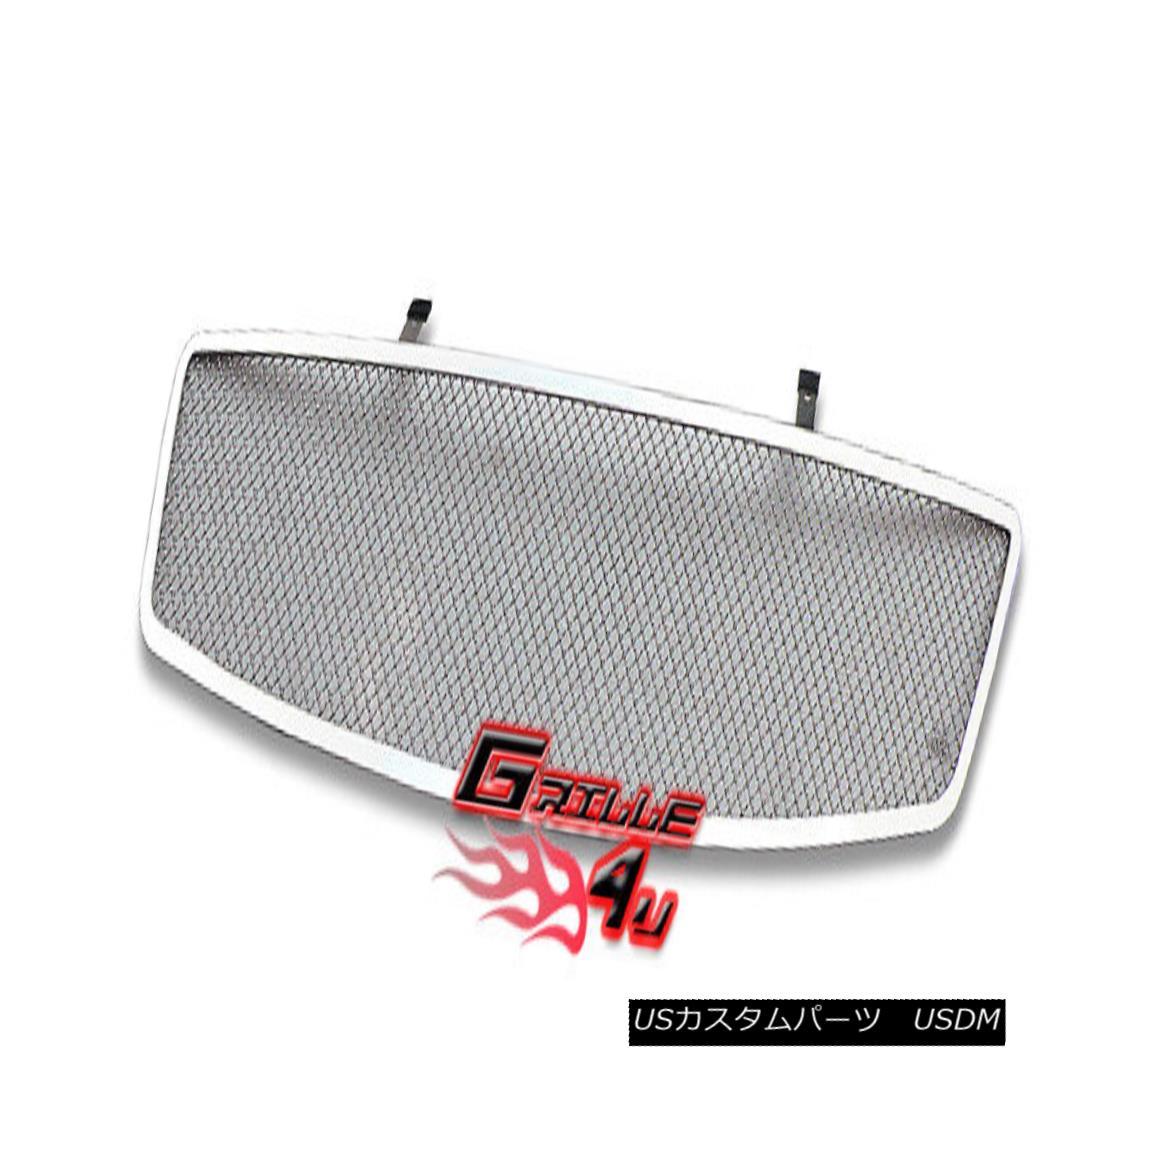 グリル For 07-08 Infiniti G35 Stainless Steel Mesh Premium Grille Insert 07-08インフィニティG35ステンレスメッシュプレミアムグリルインサート